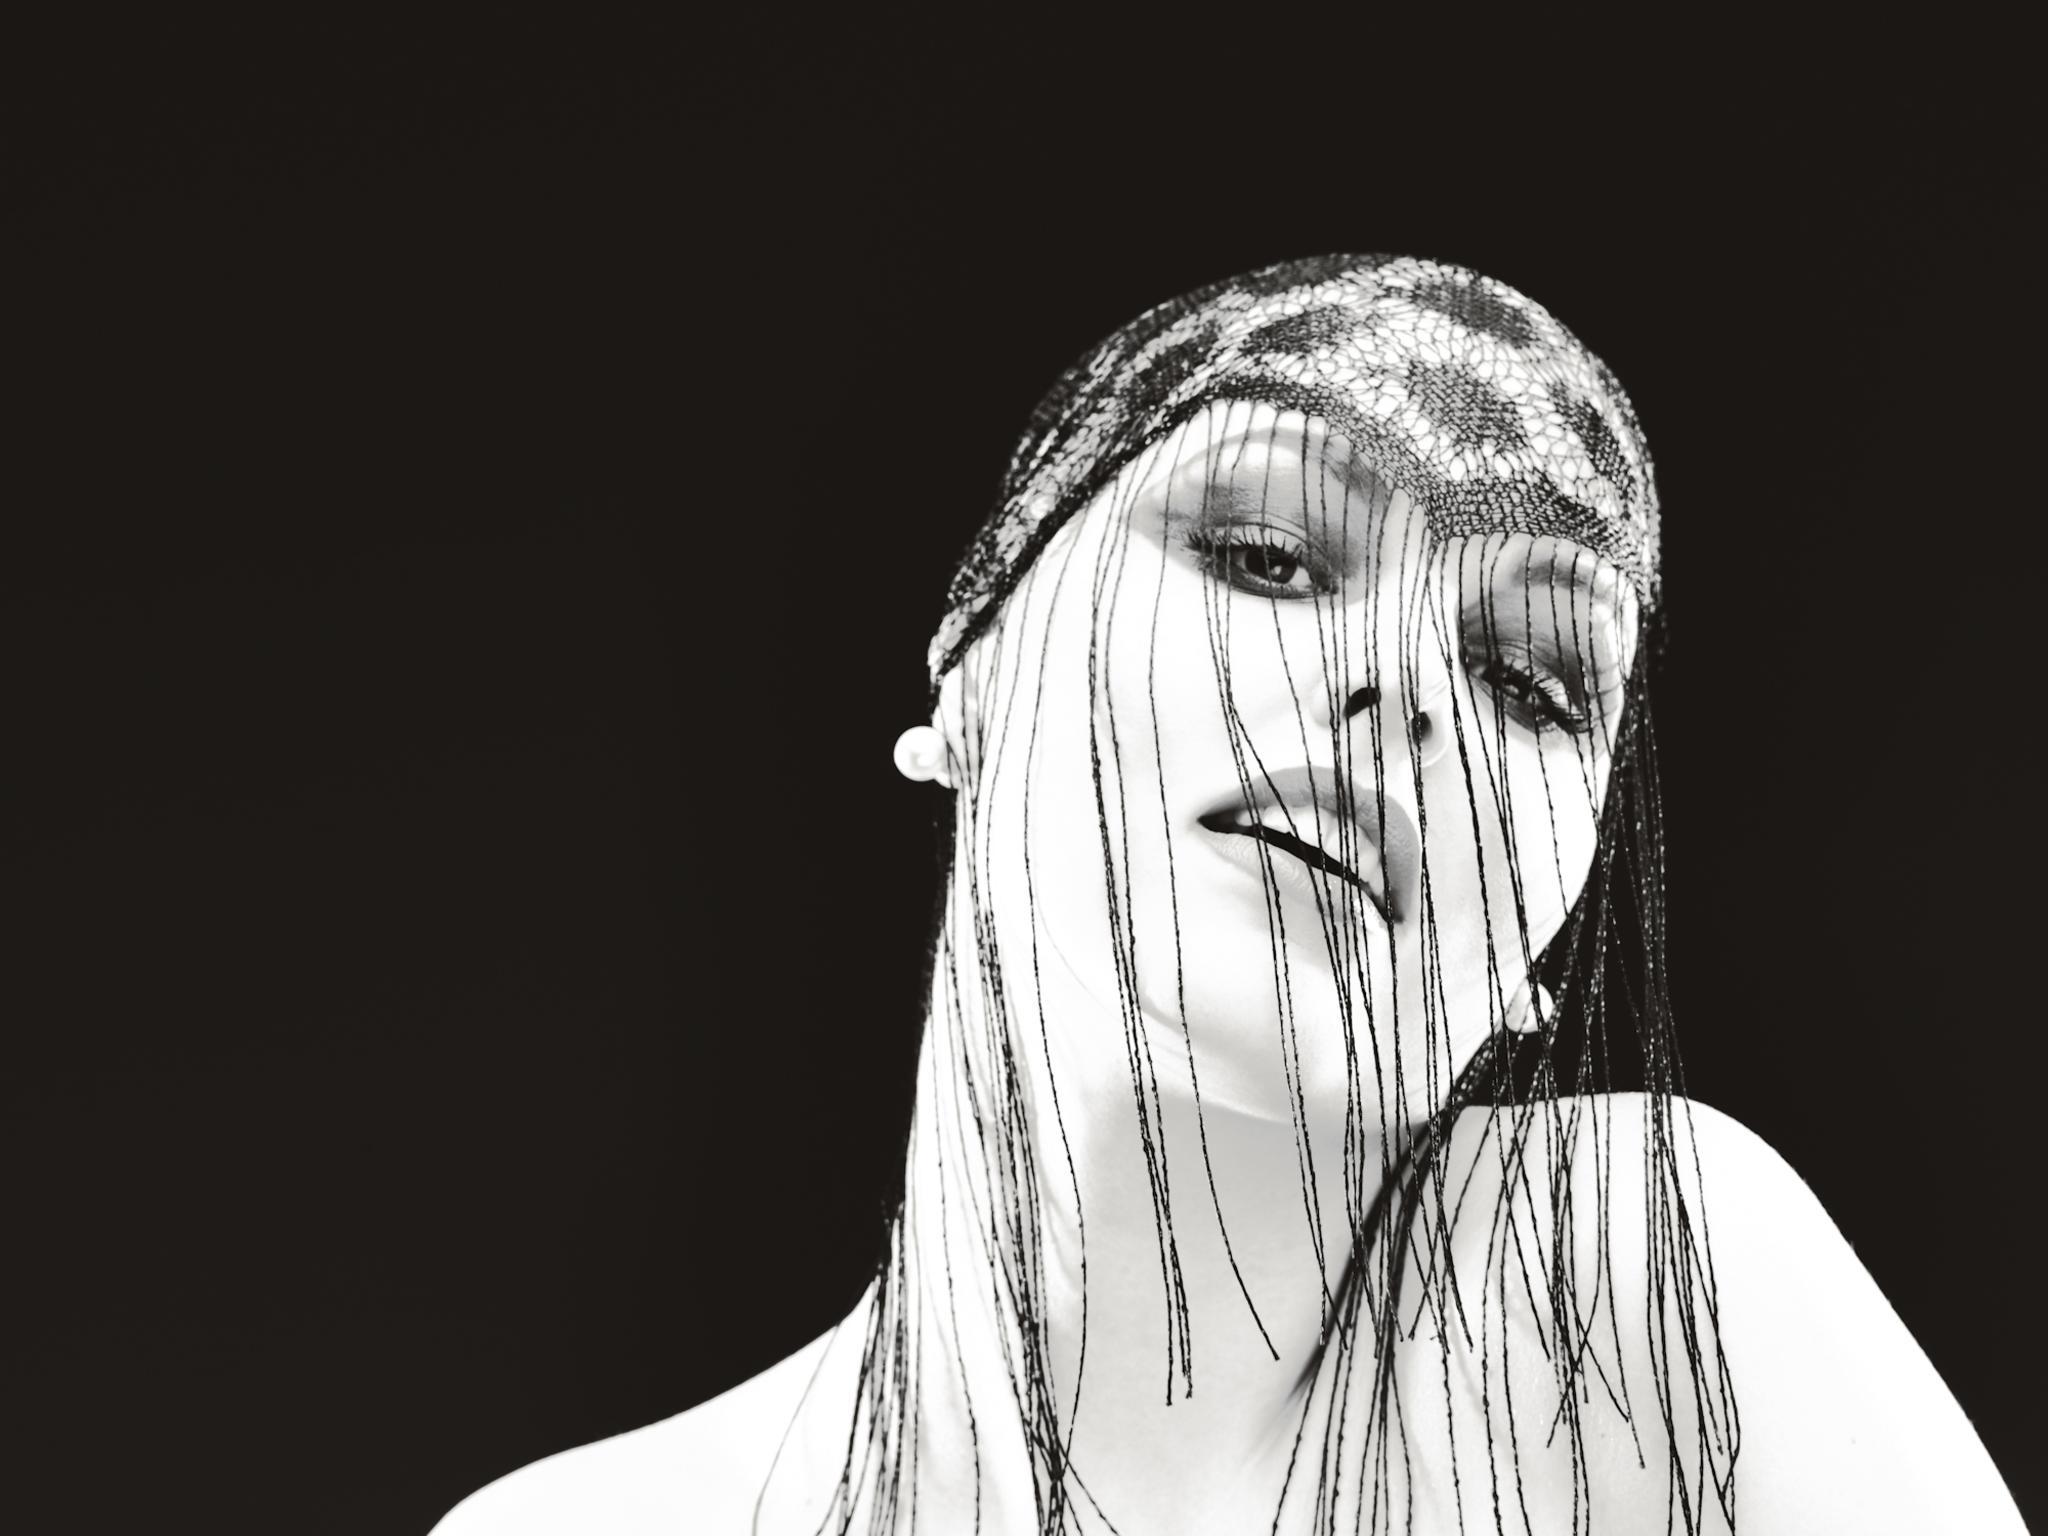 Alina by Simone Zbinden